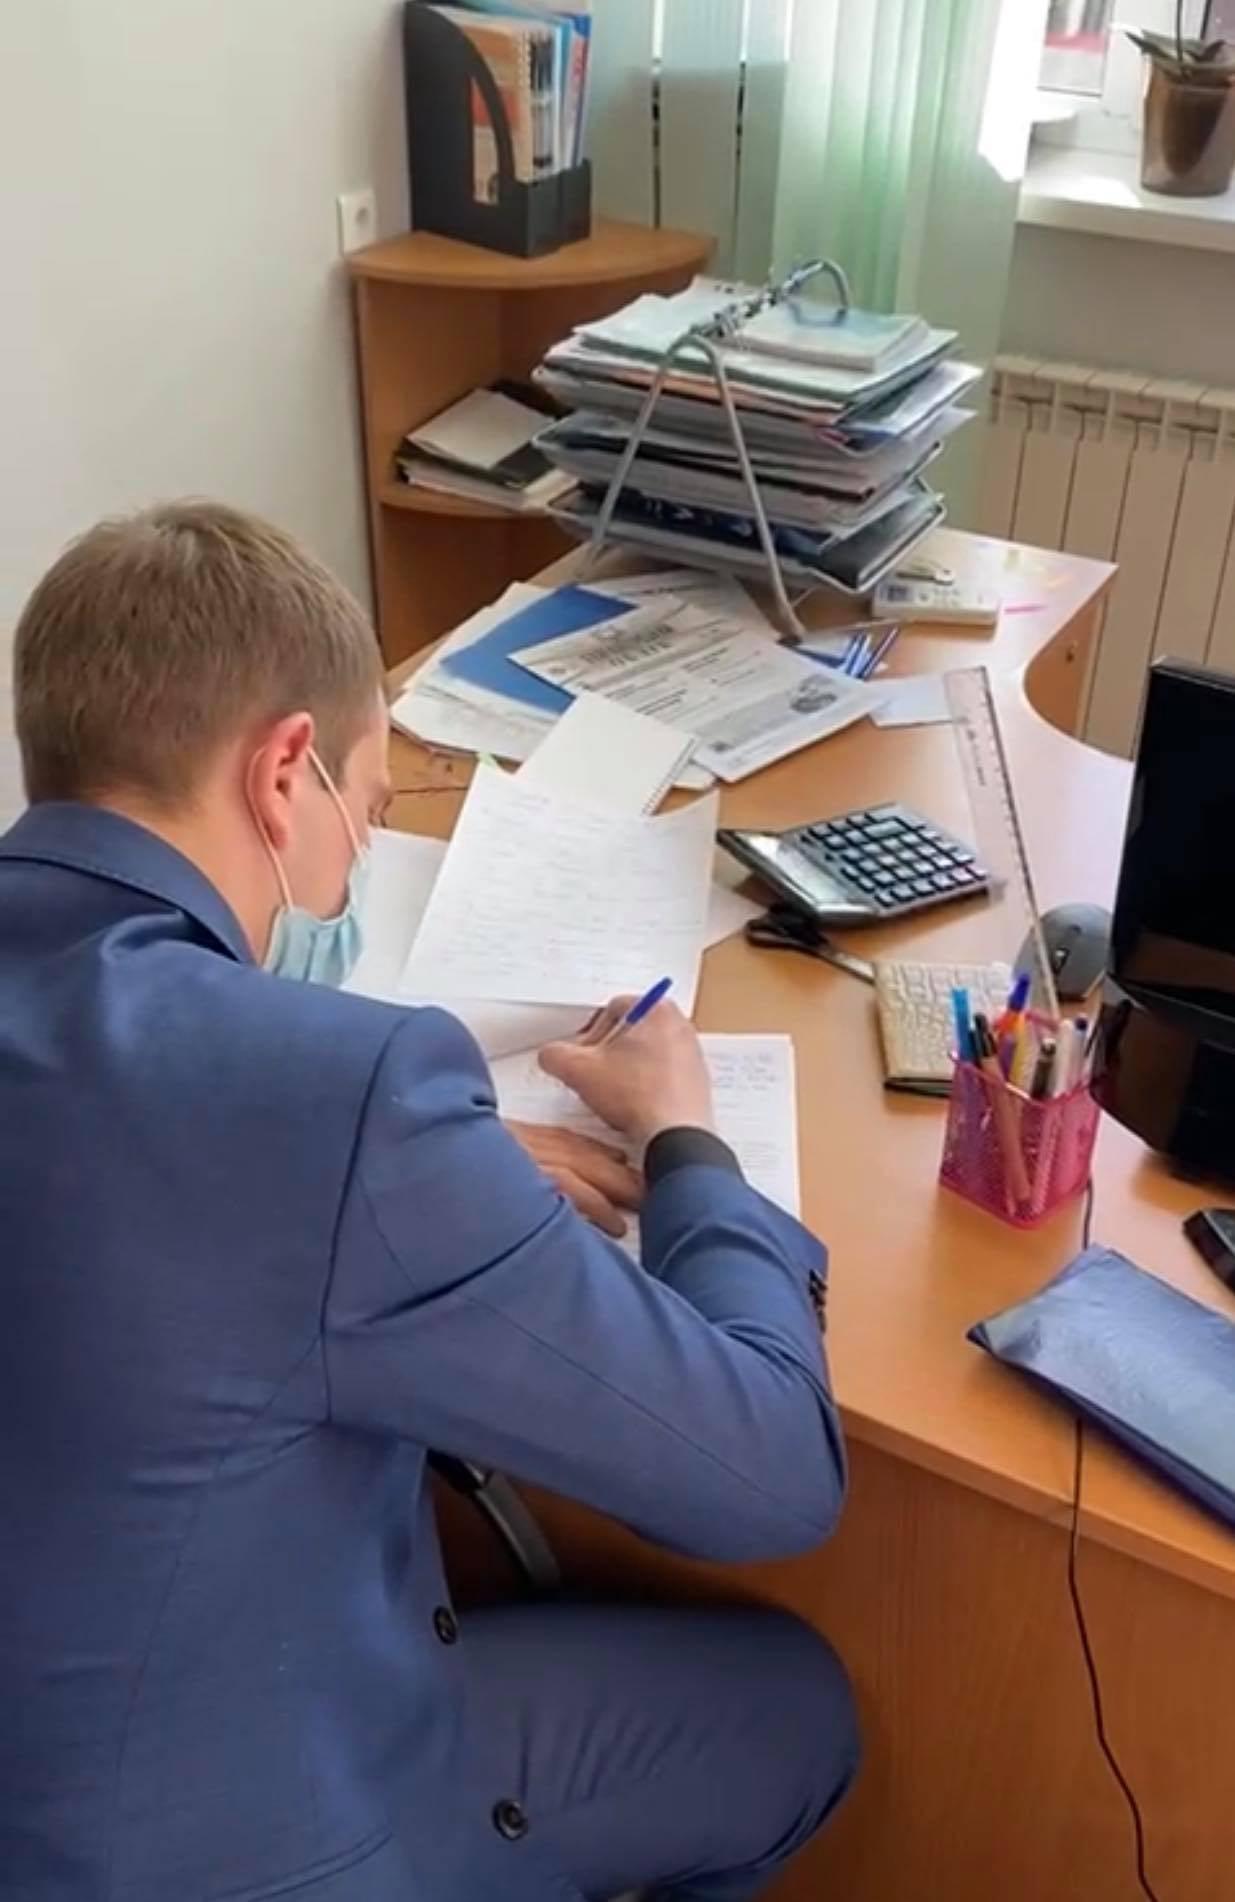 """офис """"Киевзеленстроя"""" обыскивают силовики., Фото прокуратуры"""